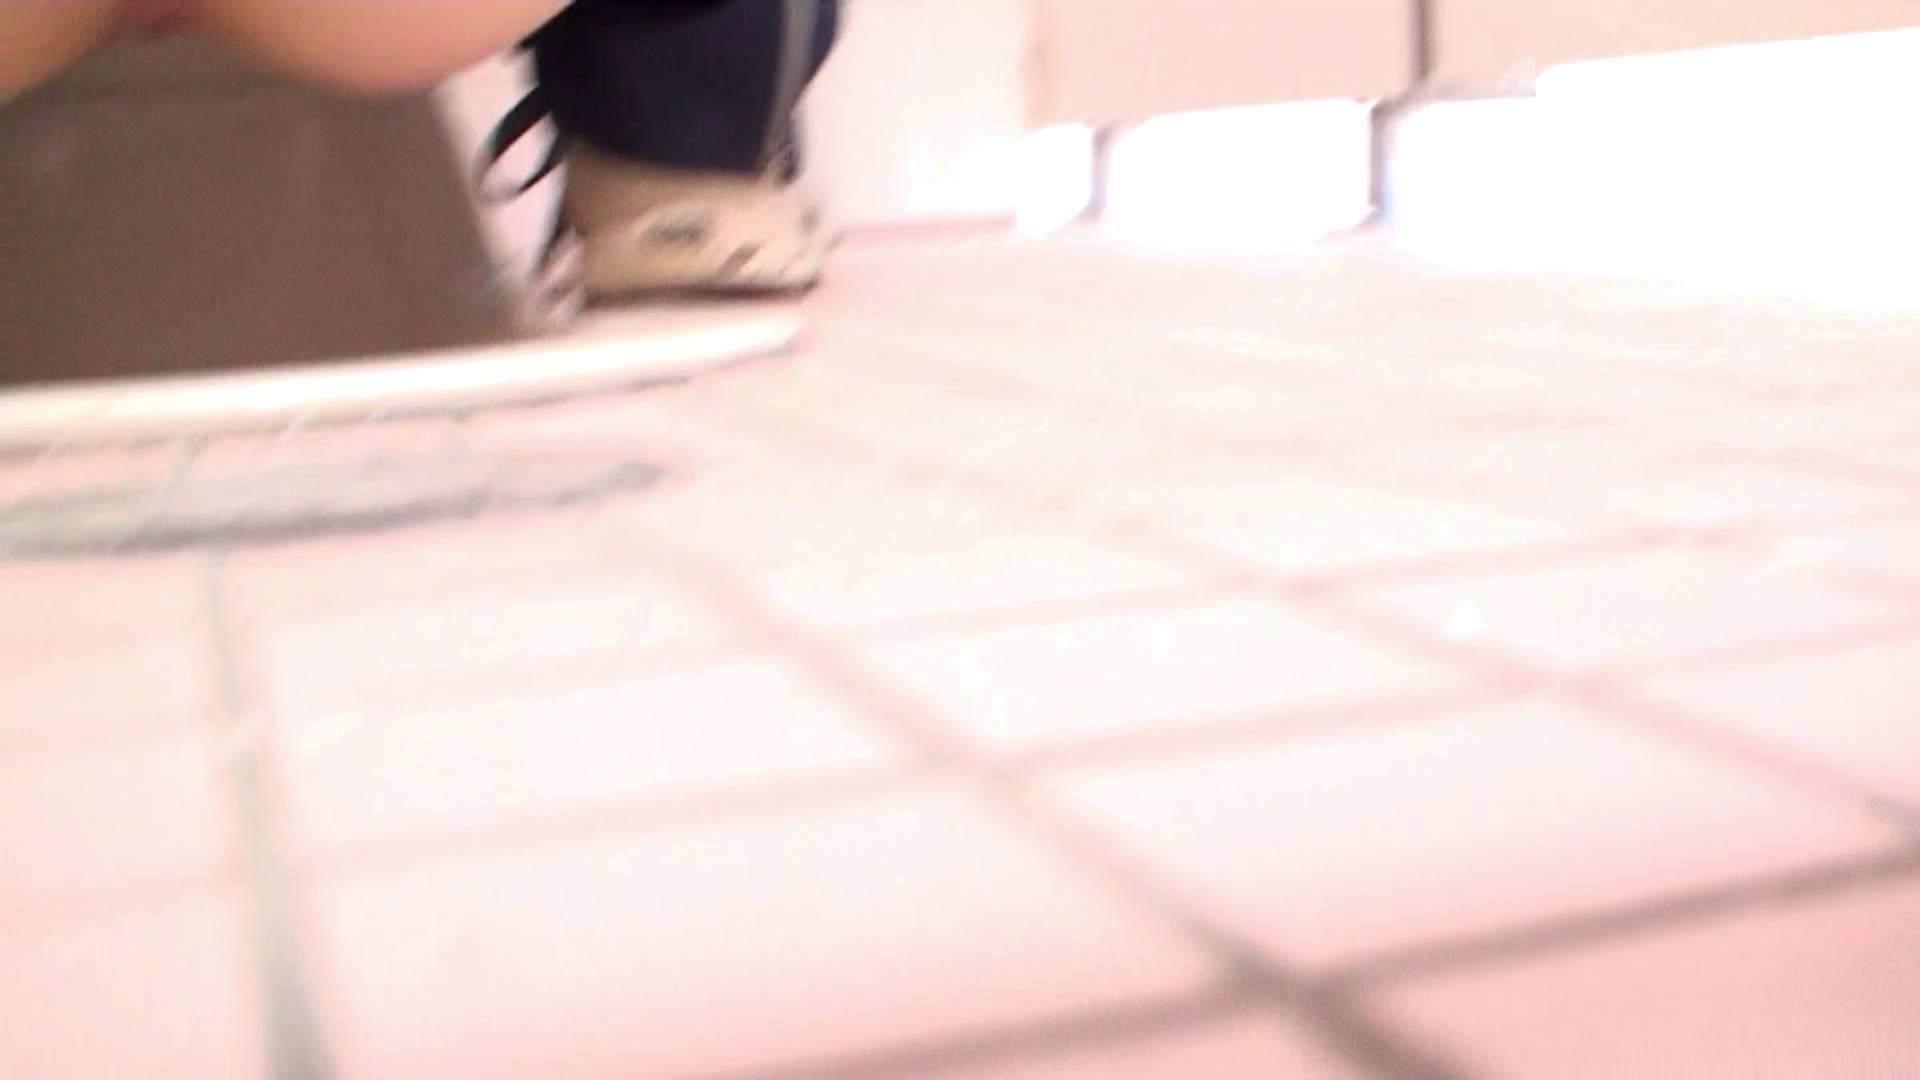 ※100個限定販売 至高下半身盗撮-プレミアム-【体育館編】VOL.2 体育館で | 盗撮で悶絶  54画像 41